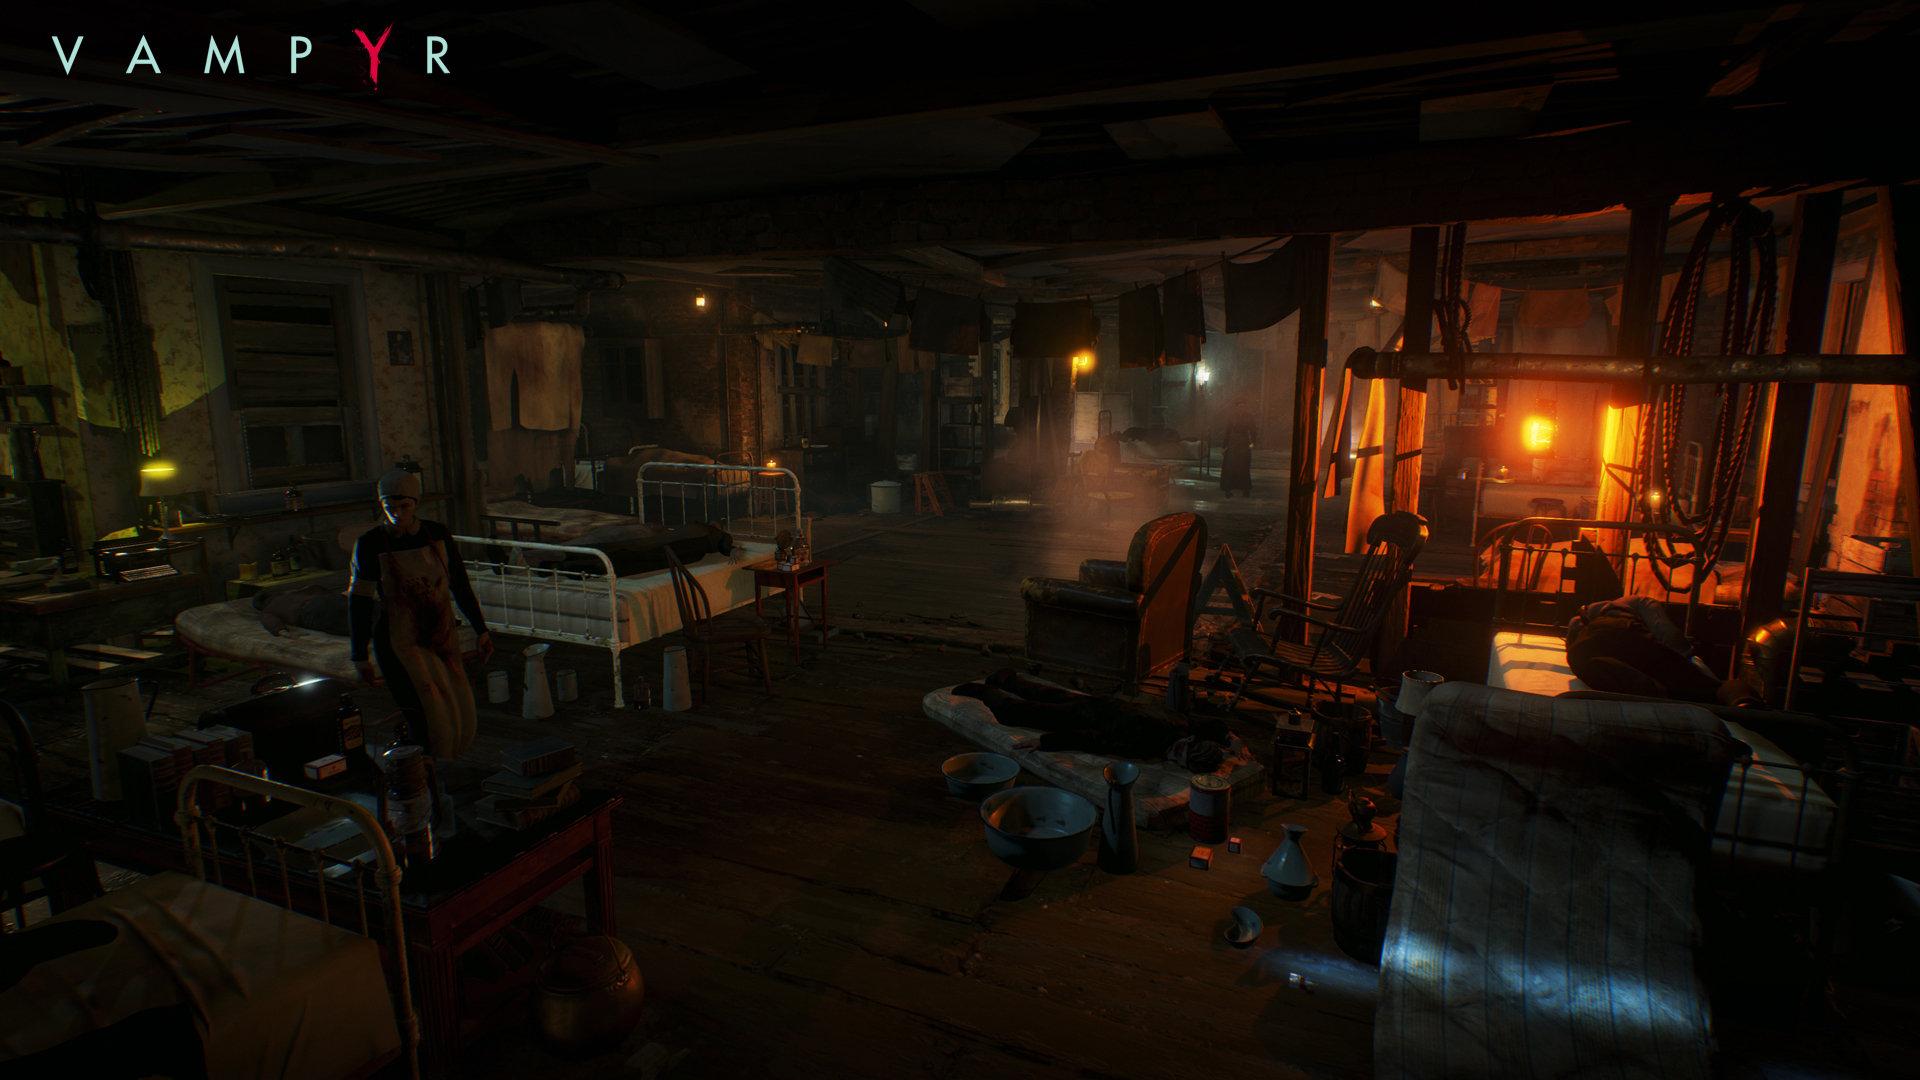 В новом трейлере Vampyr разработчики рассказали о создании саундтрека игры